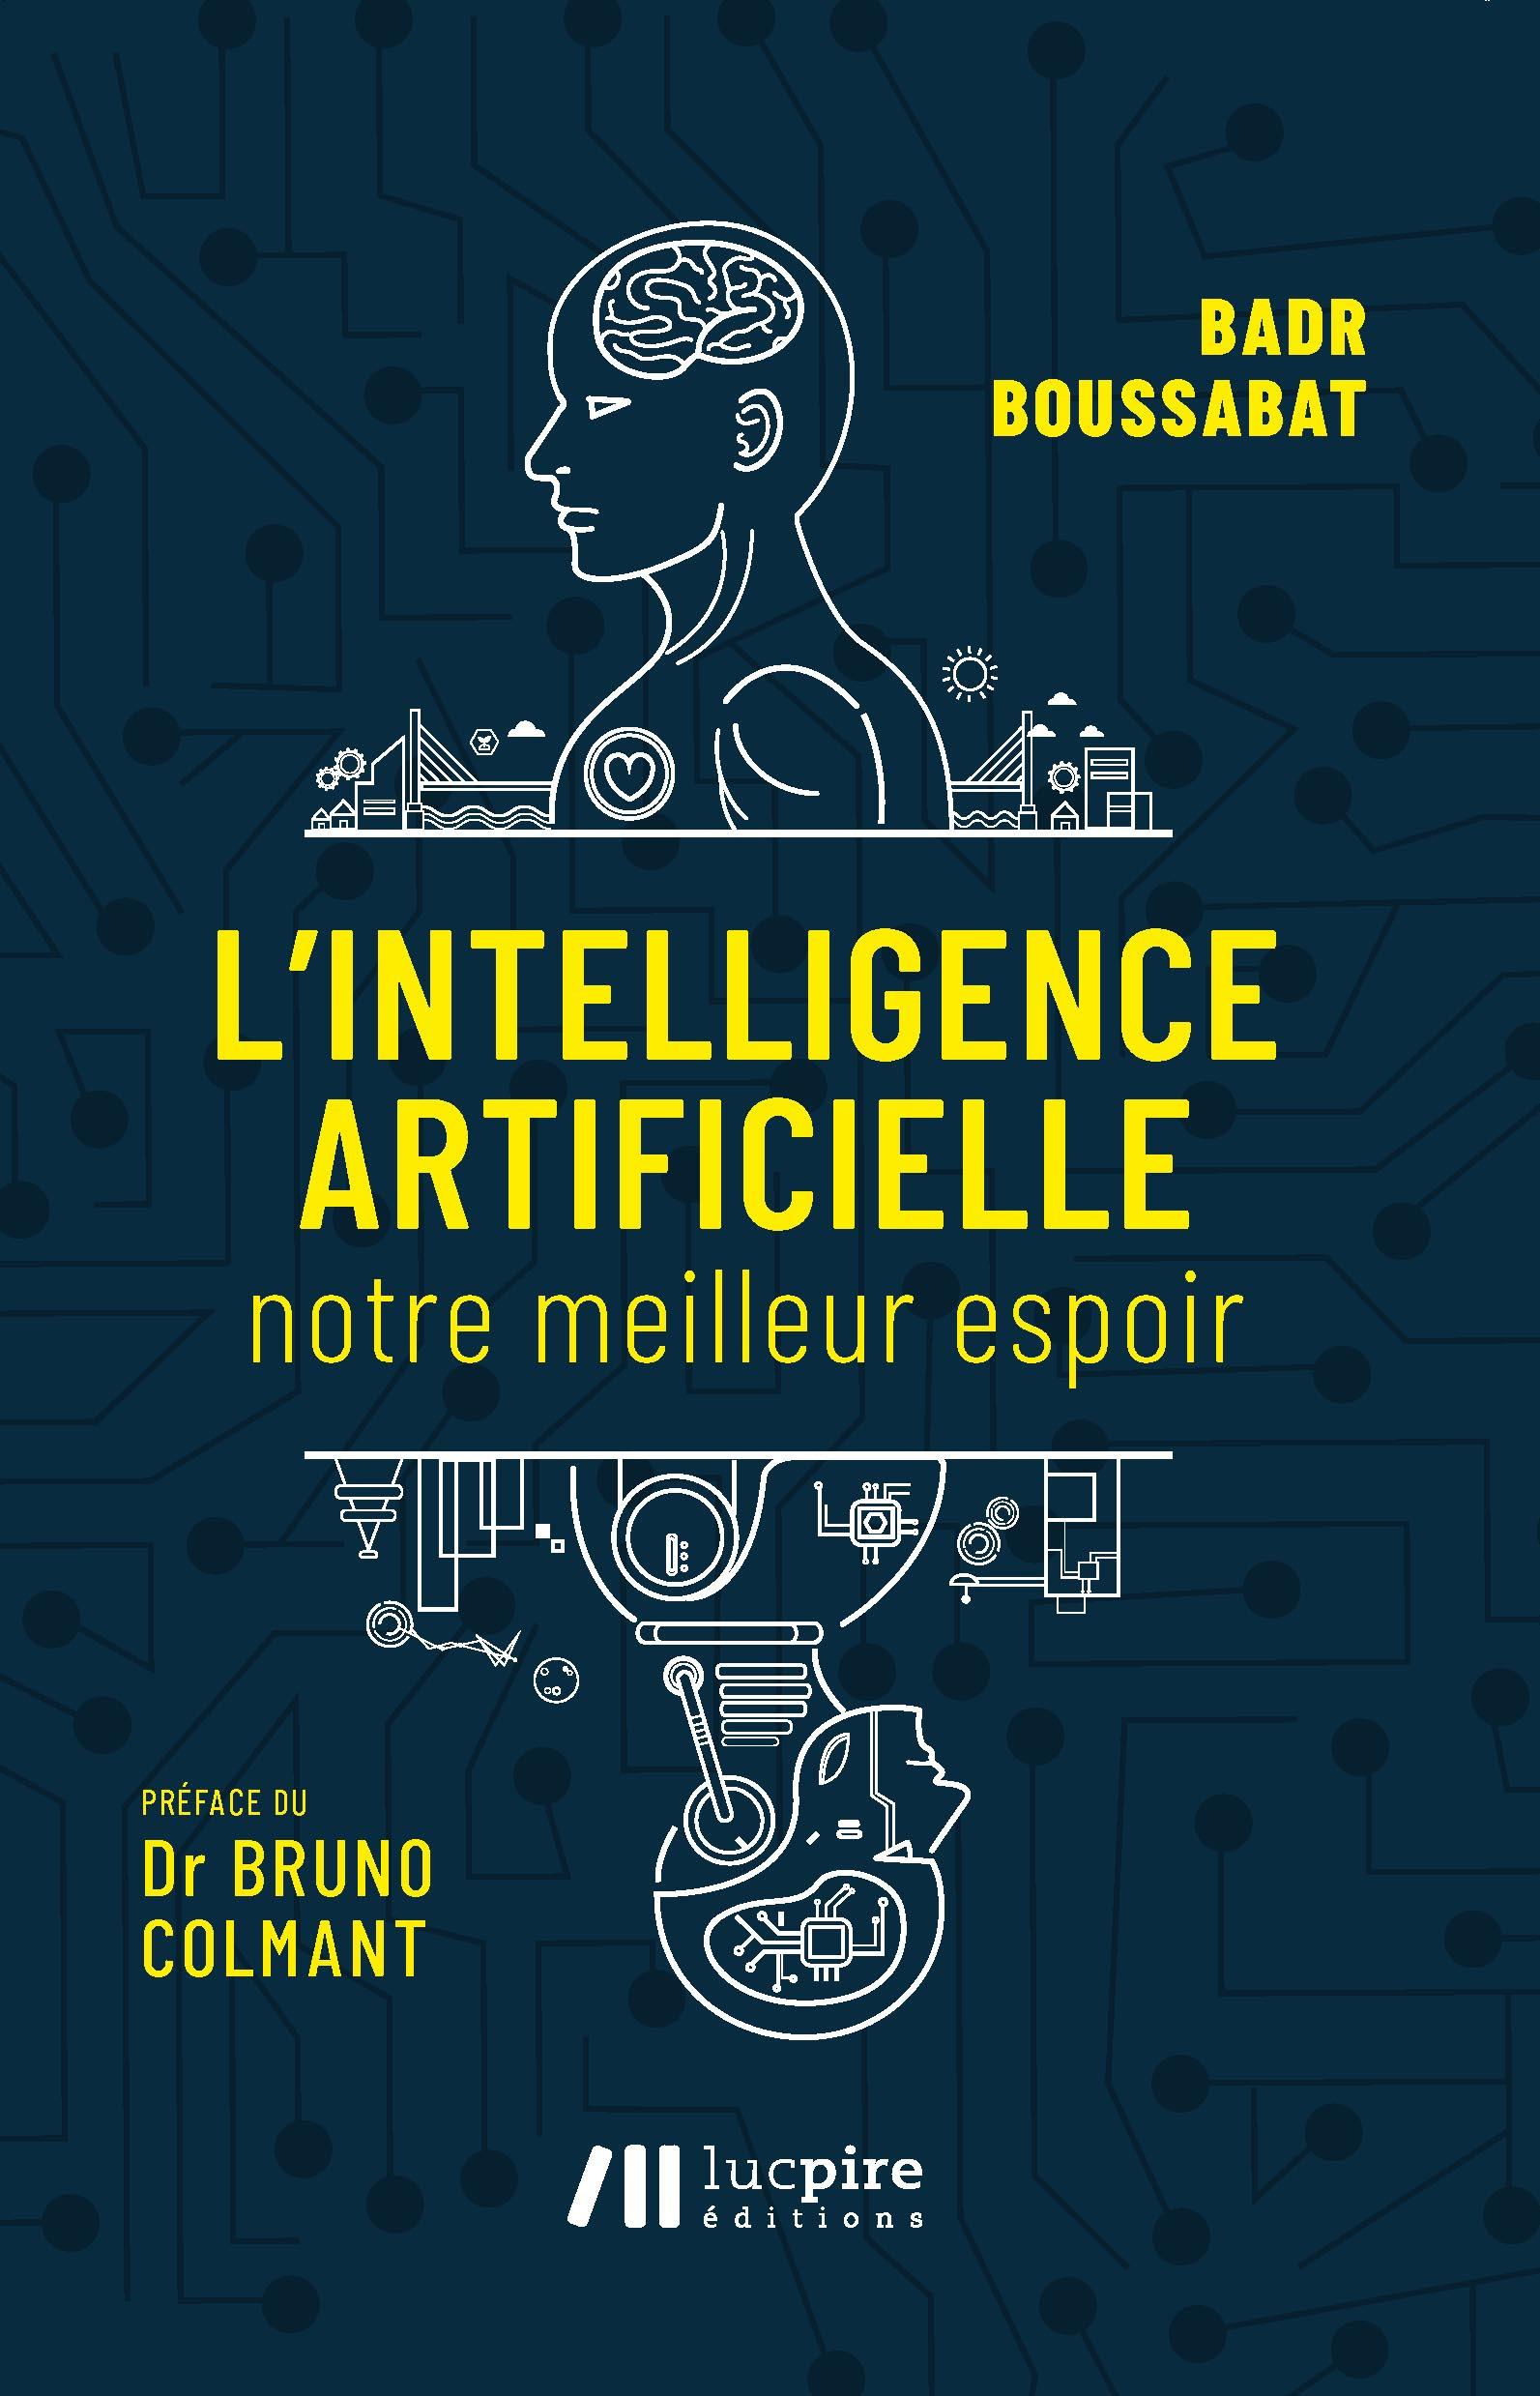 L'intelligence artificielle ; notre meilleur espoir